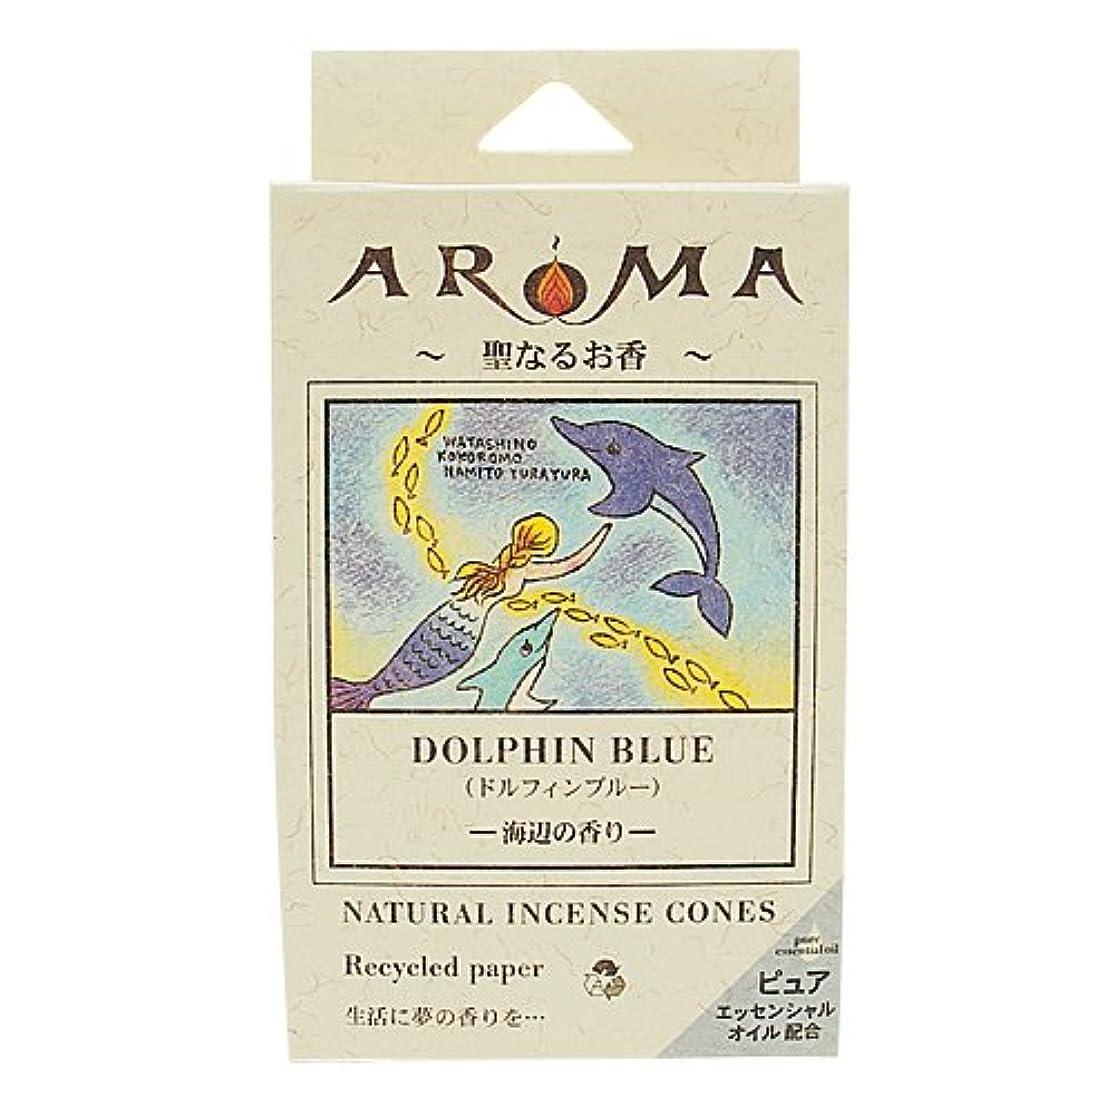 連結する軽蔑するコンドームアロマ香 ドルフィンブルー 16粒(コーンタイプインセンス 1粒の燃焼時間約20分 海辺の香り)